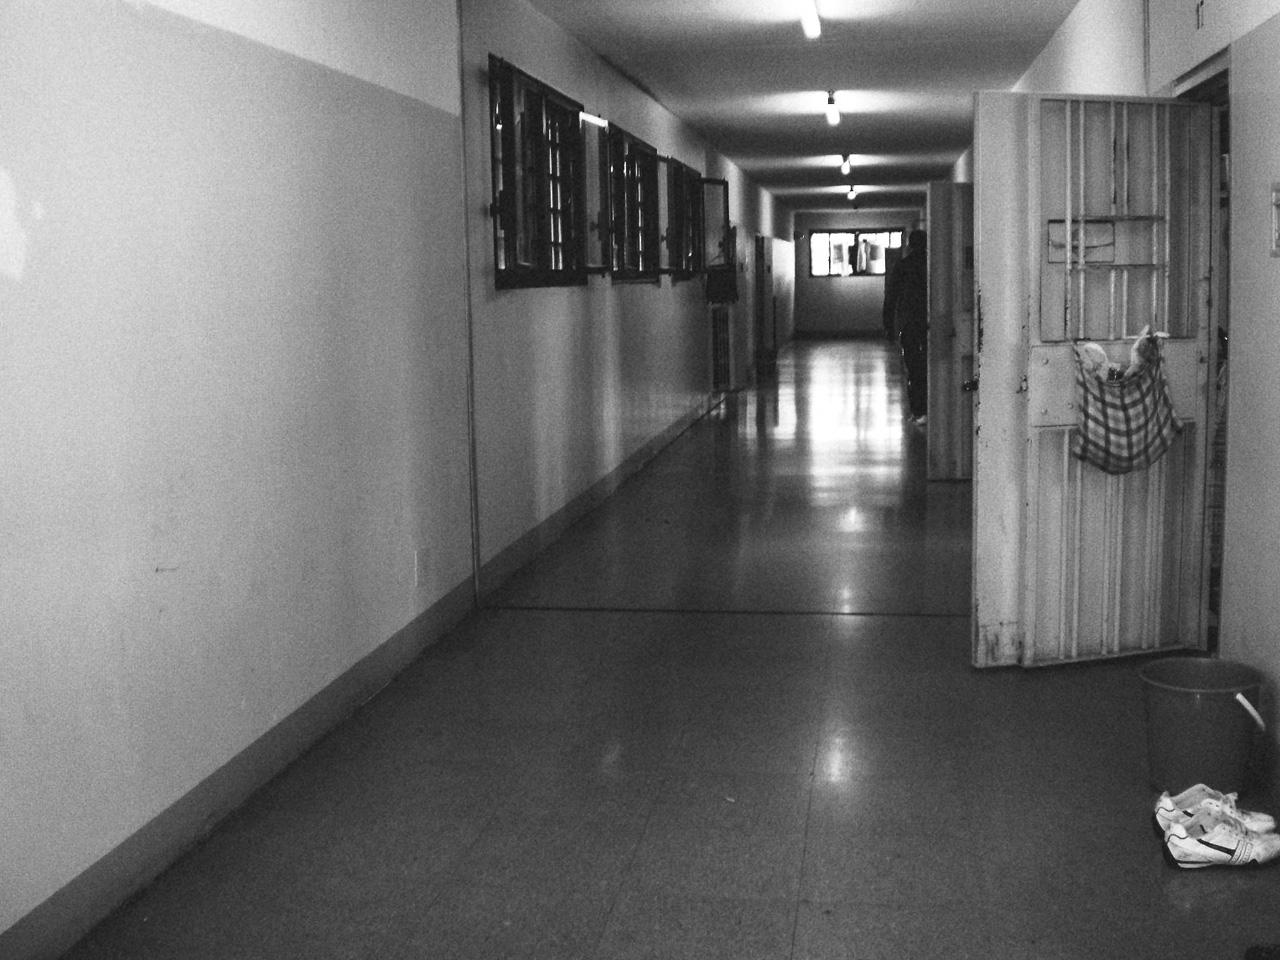 Corridoio carcere